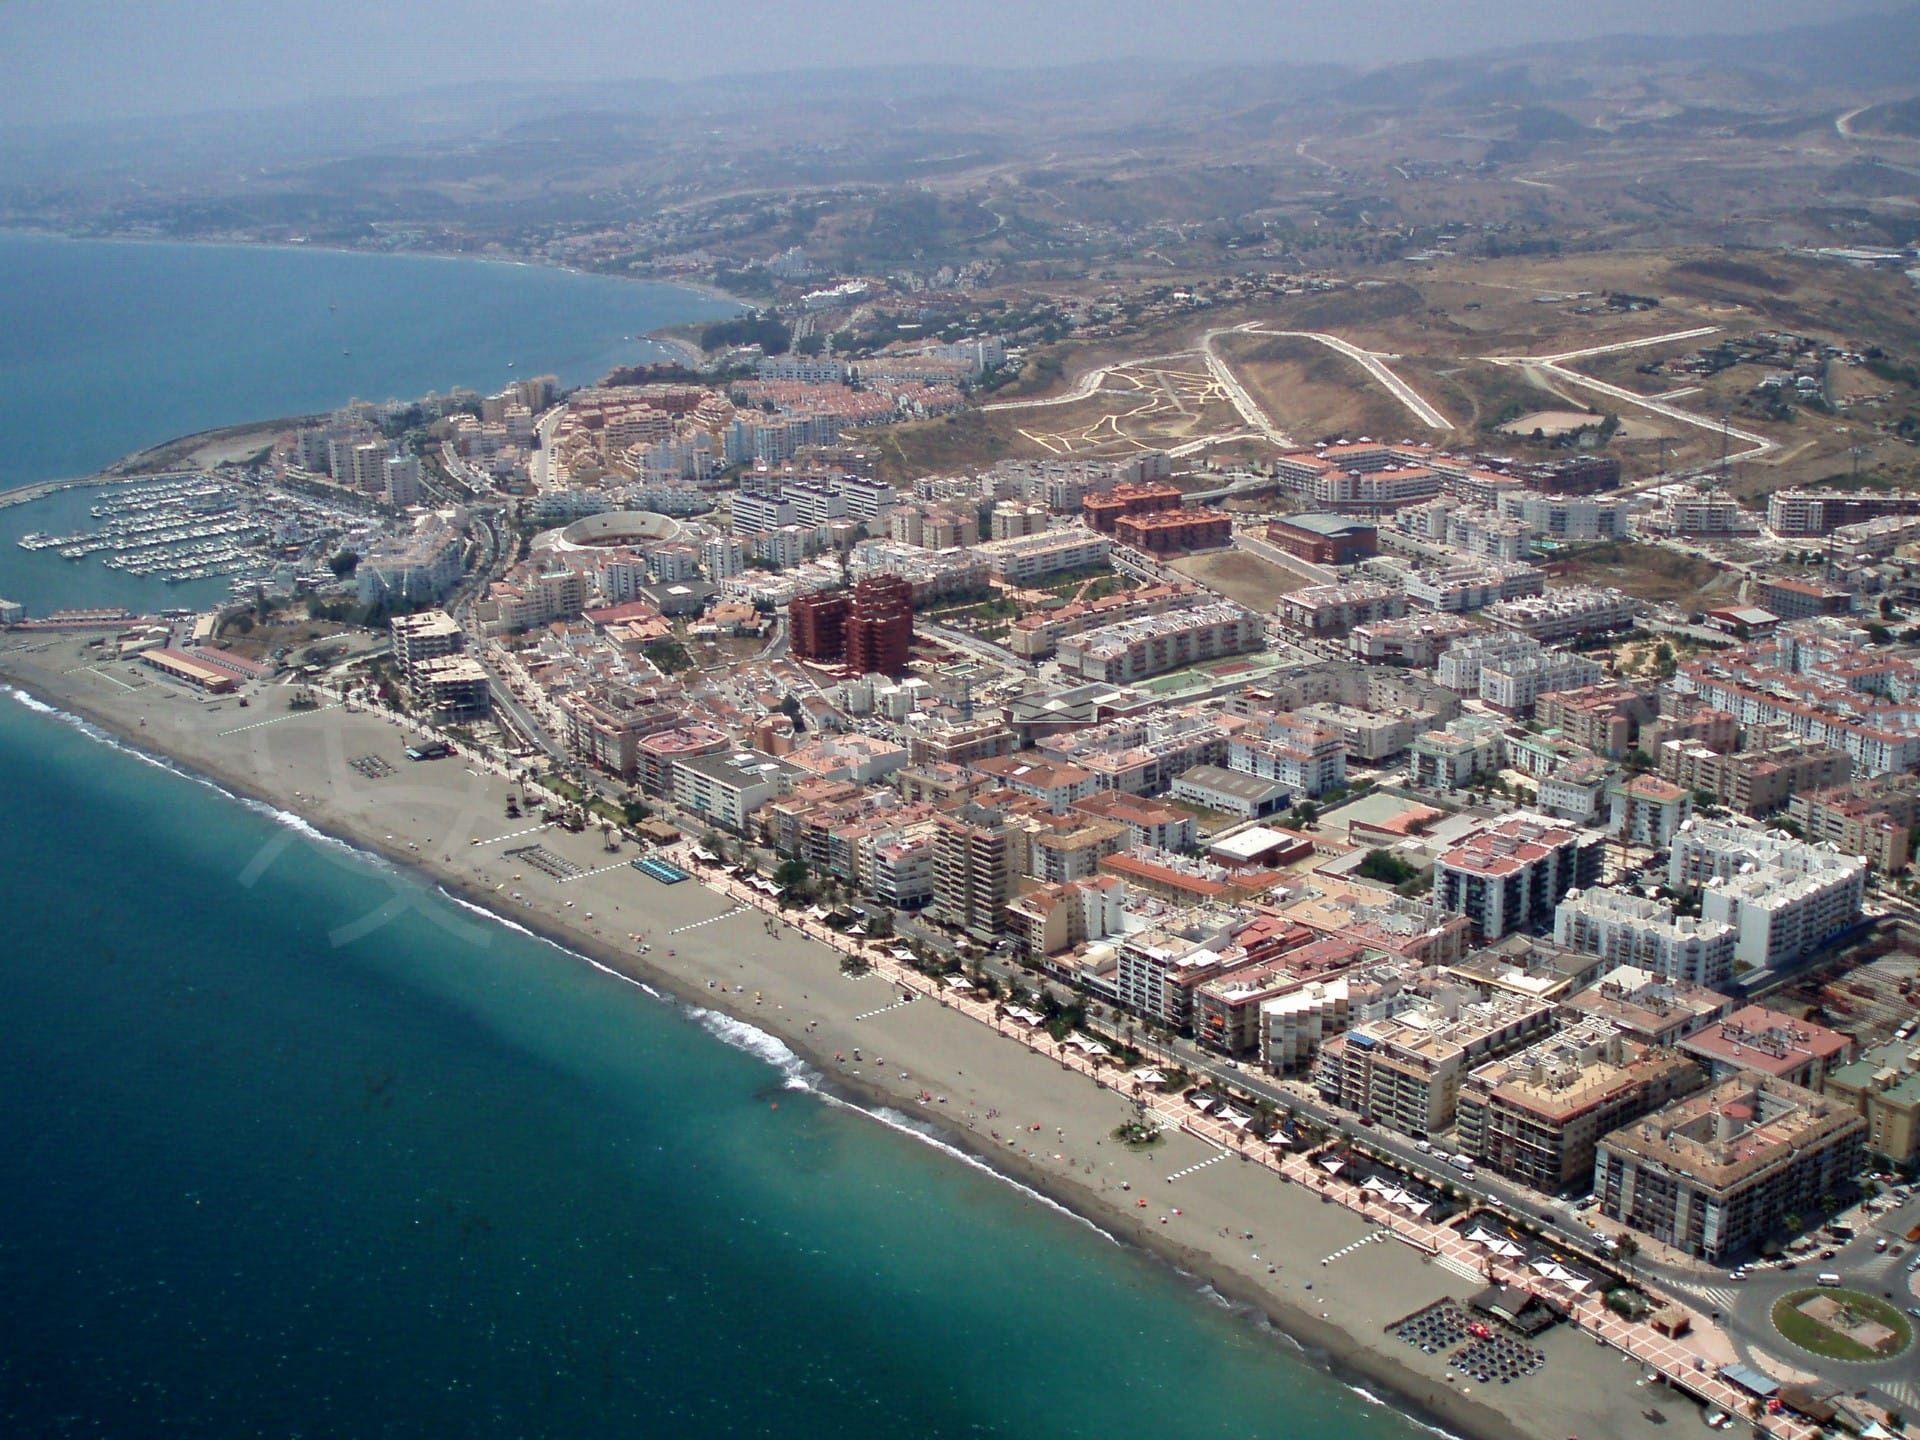 El divertido puerto deportivo de Estepona